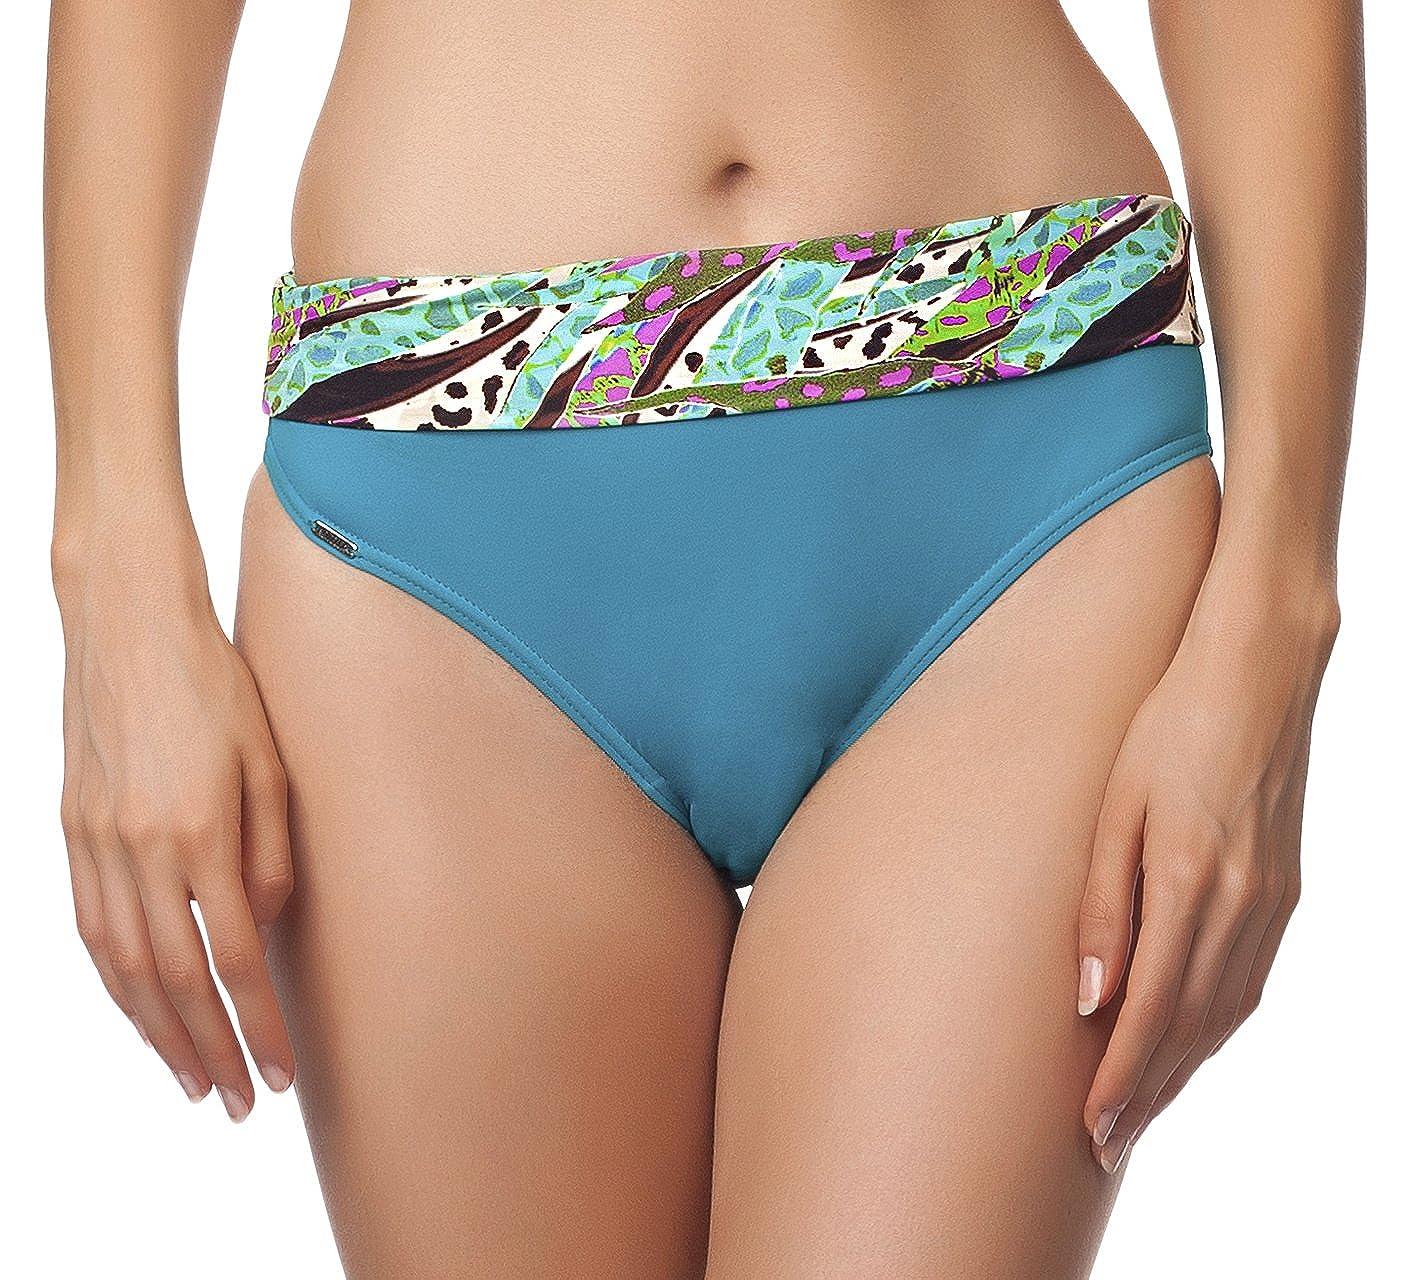 UM 50 PROZENT REDUZIERT Antie Damen Bikini Slip 81L2D4N31 Türkis/Lila MdQ2W3d4